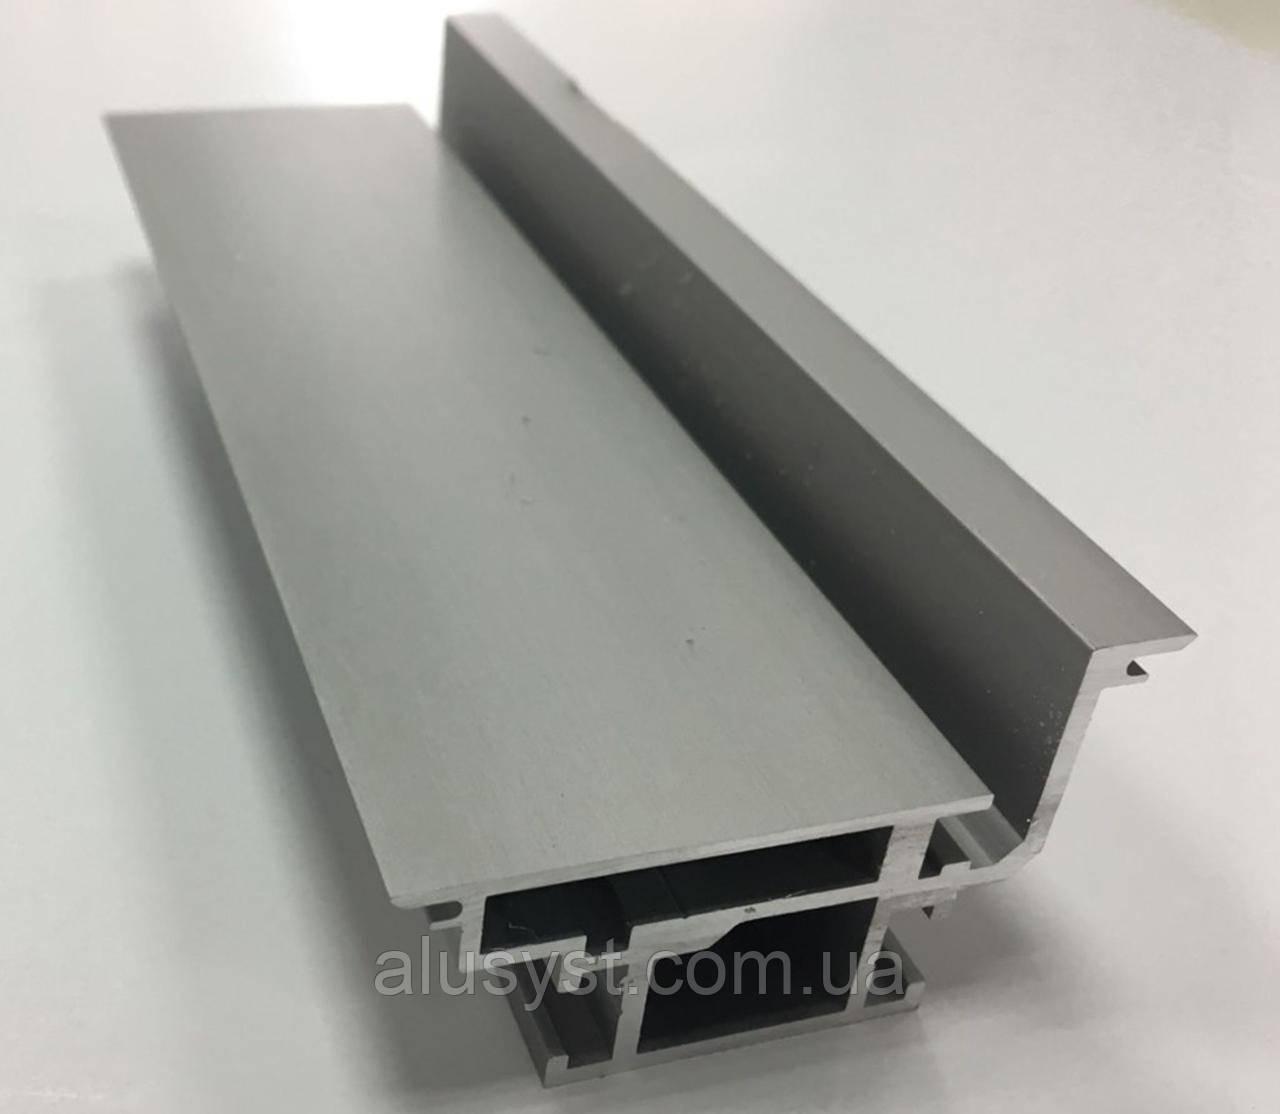 Алюминиевый профиль для дверей скрытого монтажа 6 пог.м.